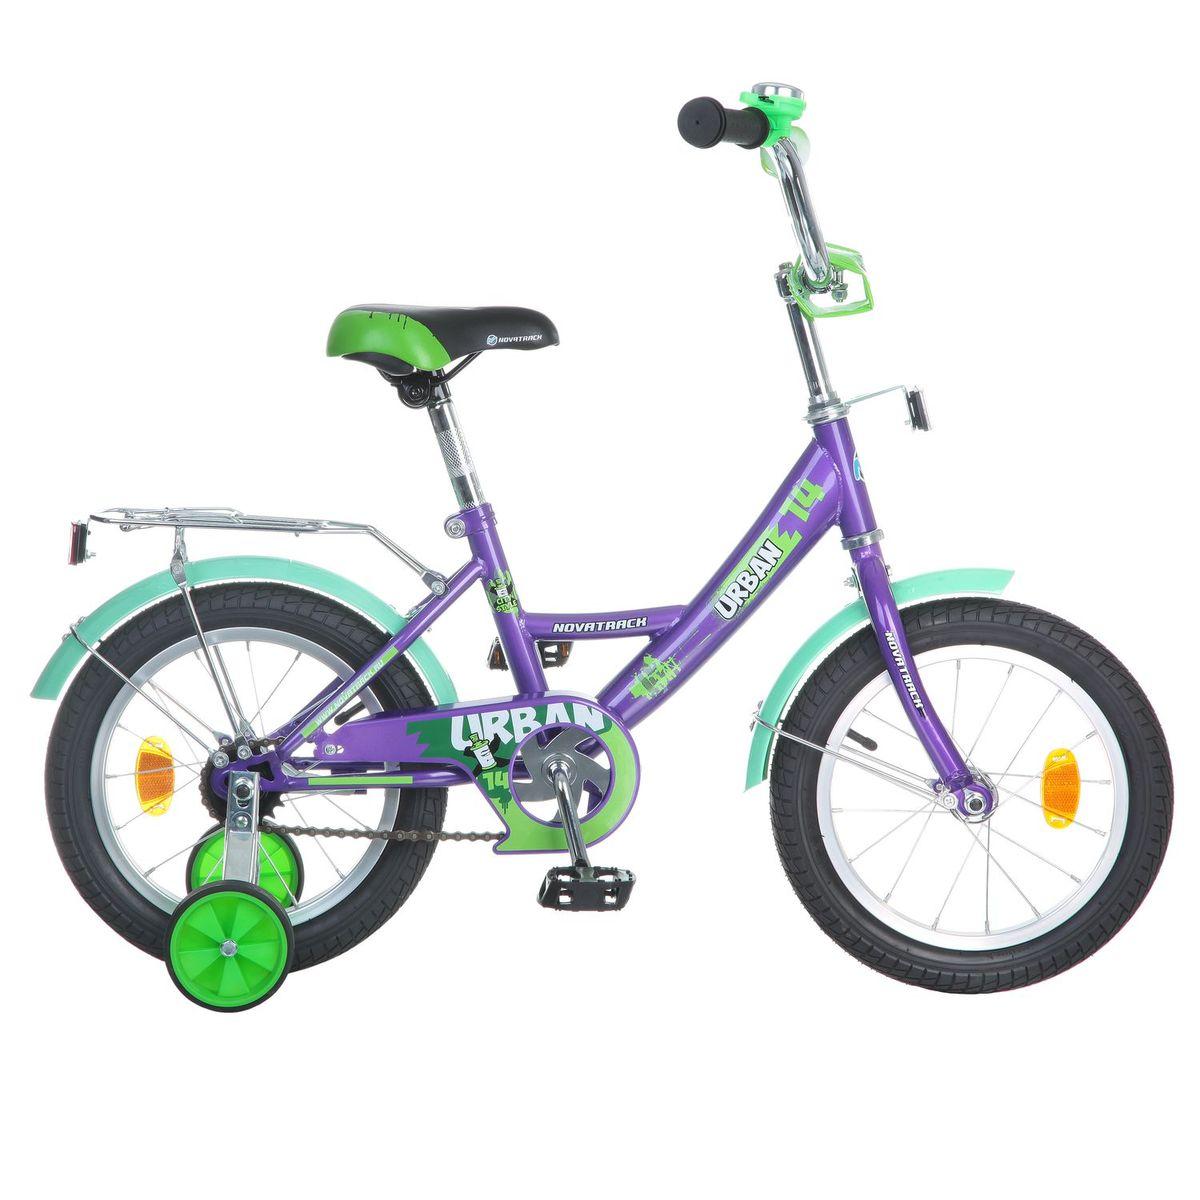 Велосипед детский Novatrack Urban, цвет: фиолетовый, зеленый, 14143URBAN.VL6Велосипед Novatrack Urban c 14-дюймовыми колесами это надежный велосипед для ребят 3-5 лет. Высокое качество сборки гарантирует, что велосипед прослужит долго, даже если ваш ребенок будет гонять на нем ежедневно по несколько часов подряд. Велосипед оснащен защитой цепи, которая не позволит ногам и одежде попасть в мезанизм. Еще одно средство, способствующее безопасному вождению велосипеда в любых дорожных условиях ограничитель поворота руля. который не позволит маленькому велосипедисту слишком сильно повернуть руль и таким образом создать себе все условия для неминуемого падения. Да и учиться ездить с таким приспособлением гораздо удобнее, ведь руль не крутится вокруг своей оси, а значит, и двигаться велосипед будет аккуратно и всегда именно туда, куда нужно. Велосипед оборудован багажником обязательным атрибутом любого детского велосипеда, ведь как же еще перевозить свои игрушки и другие нужные мелочи во время прогулок Для безопасности установлено целых 4 светоотражателя задний, передний и по одному на каждом из основных колес. Колеса закрыты крыльями, которые защитят маленького наездника от грязи и брызг. А ножной тормоз позволит быстро остановиться, в случае необходимости.